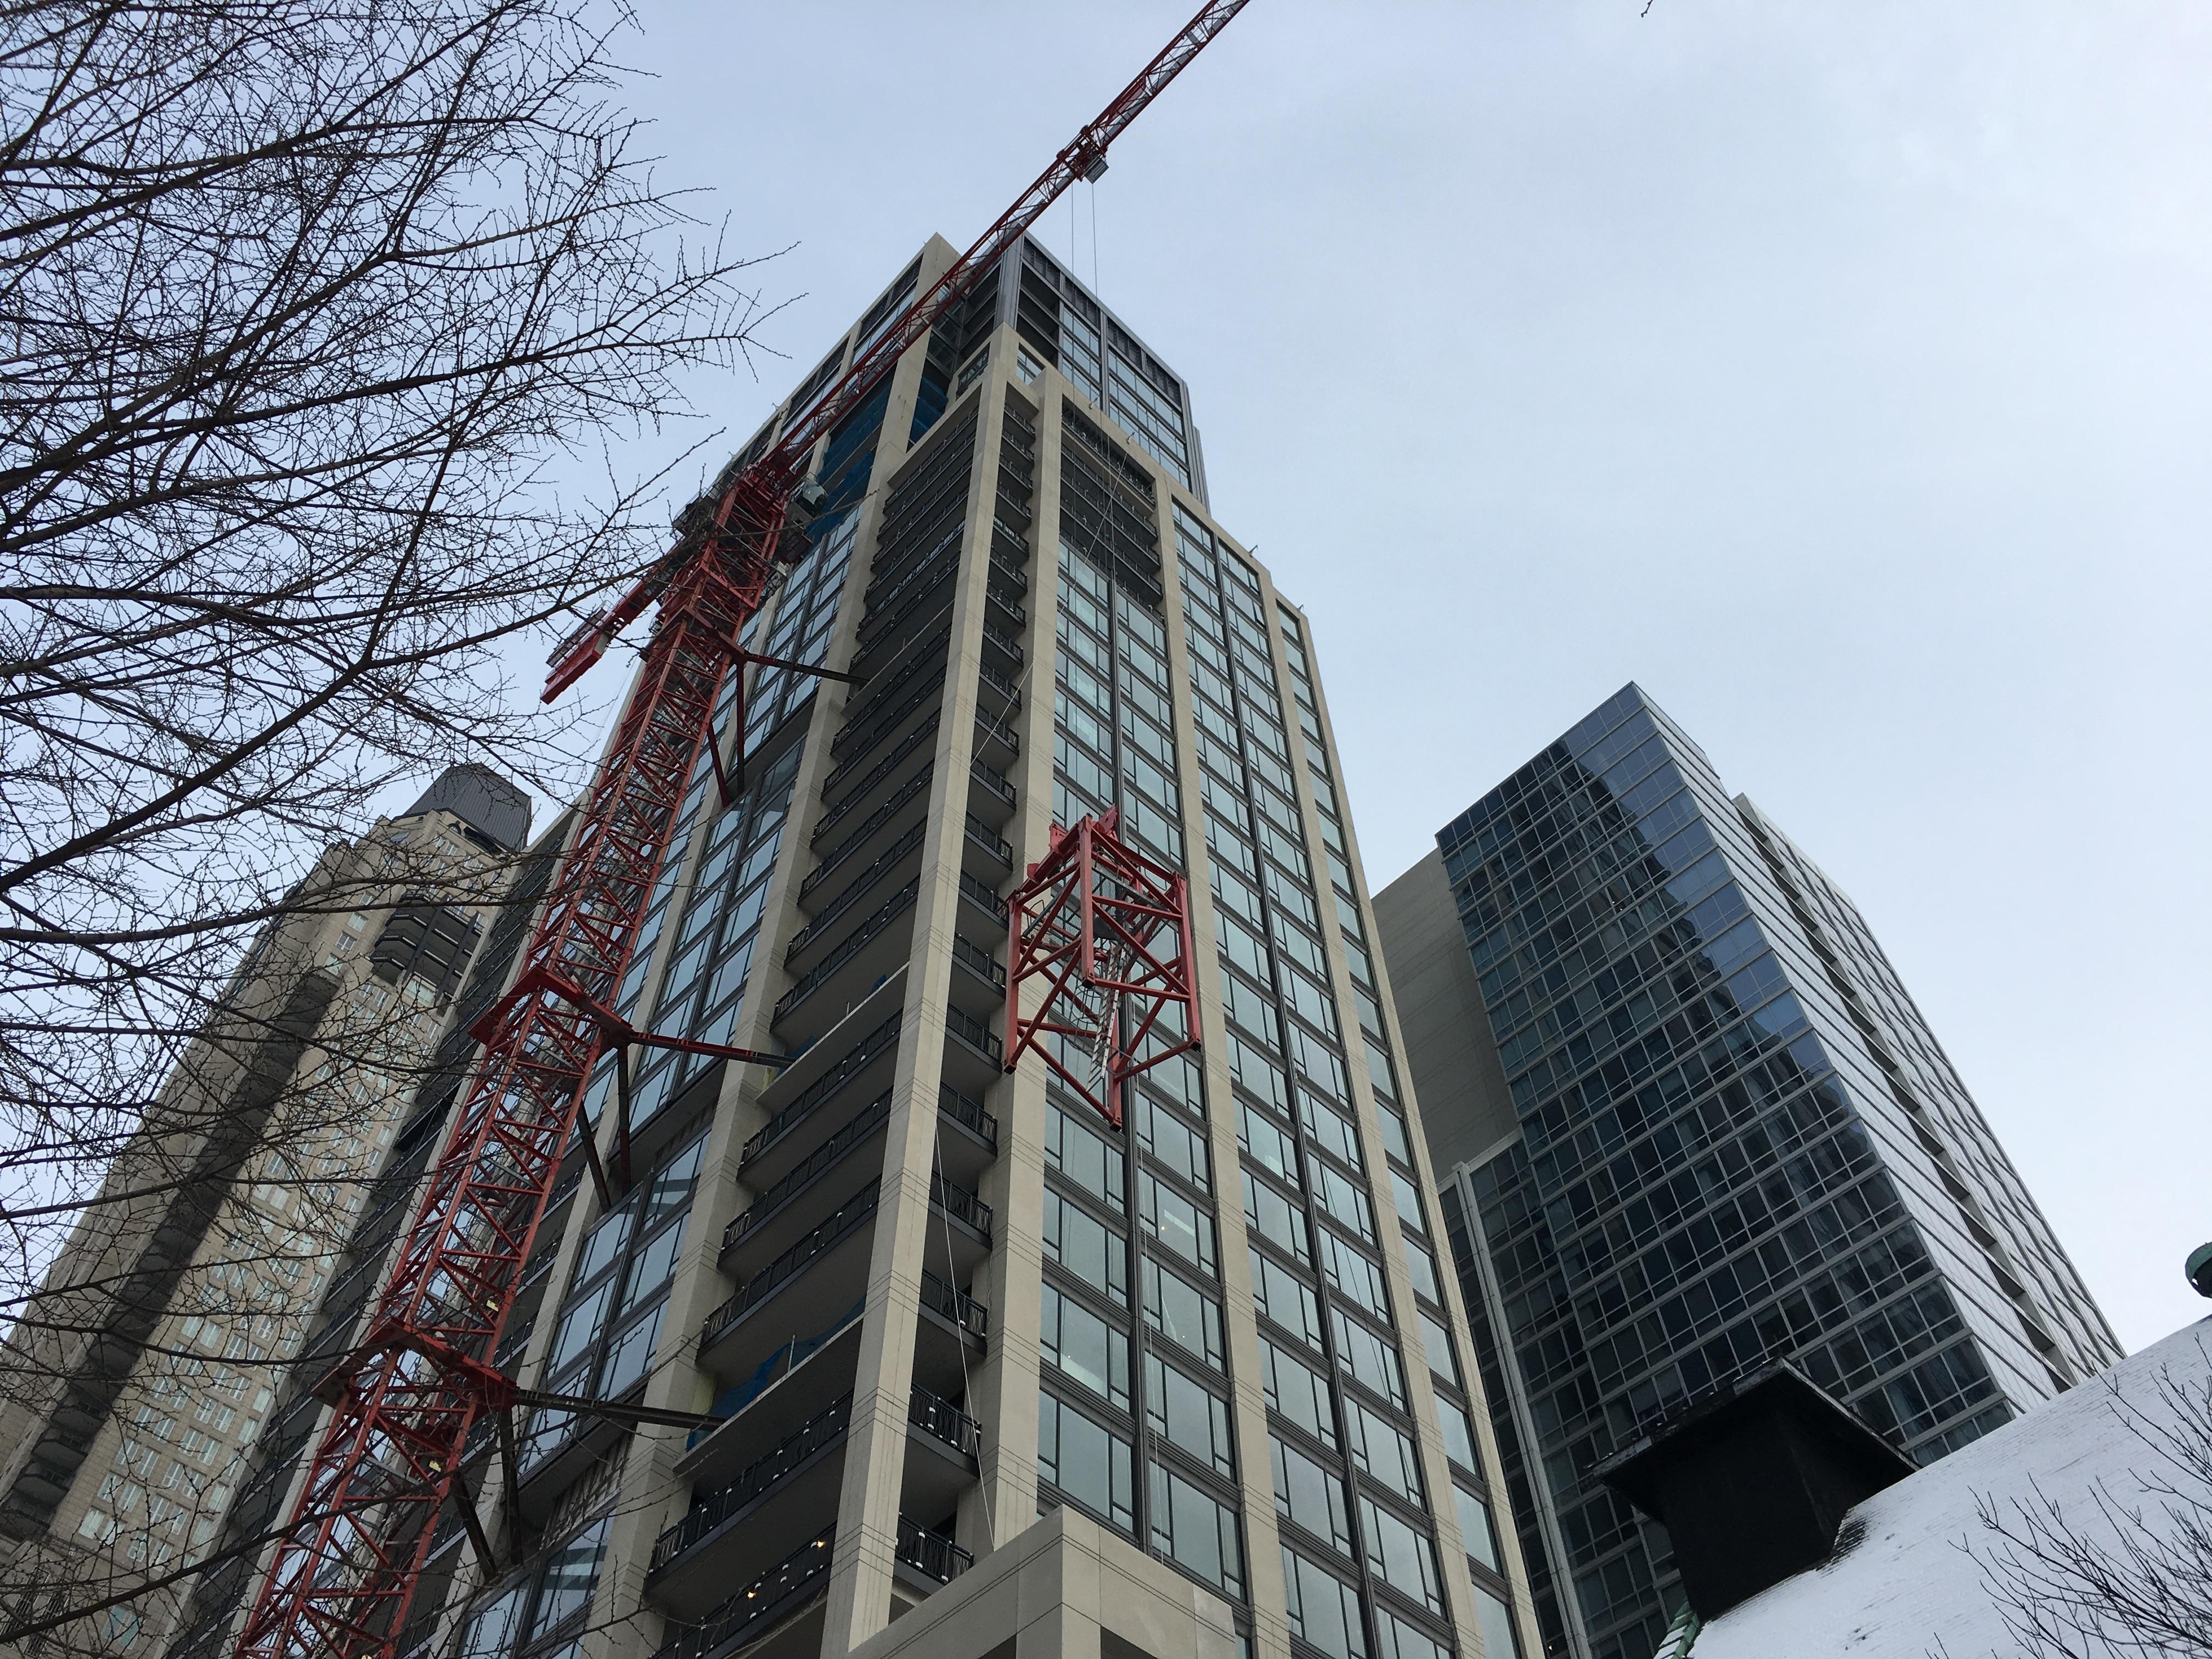 No. 9 Walton tower crane